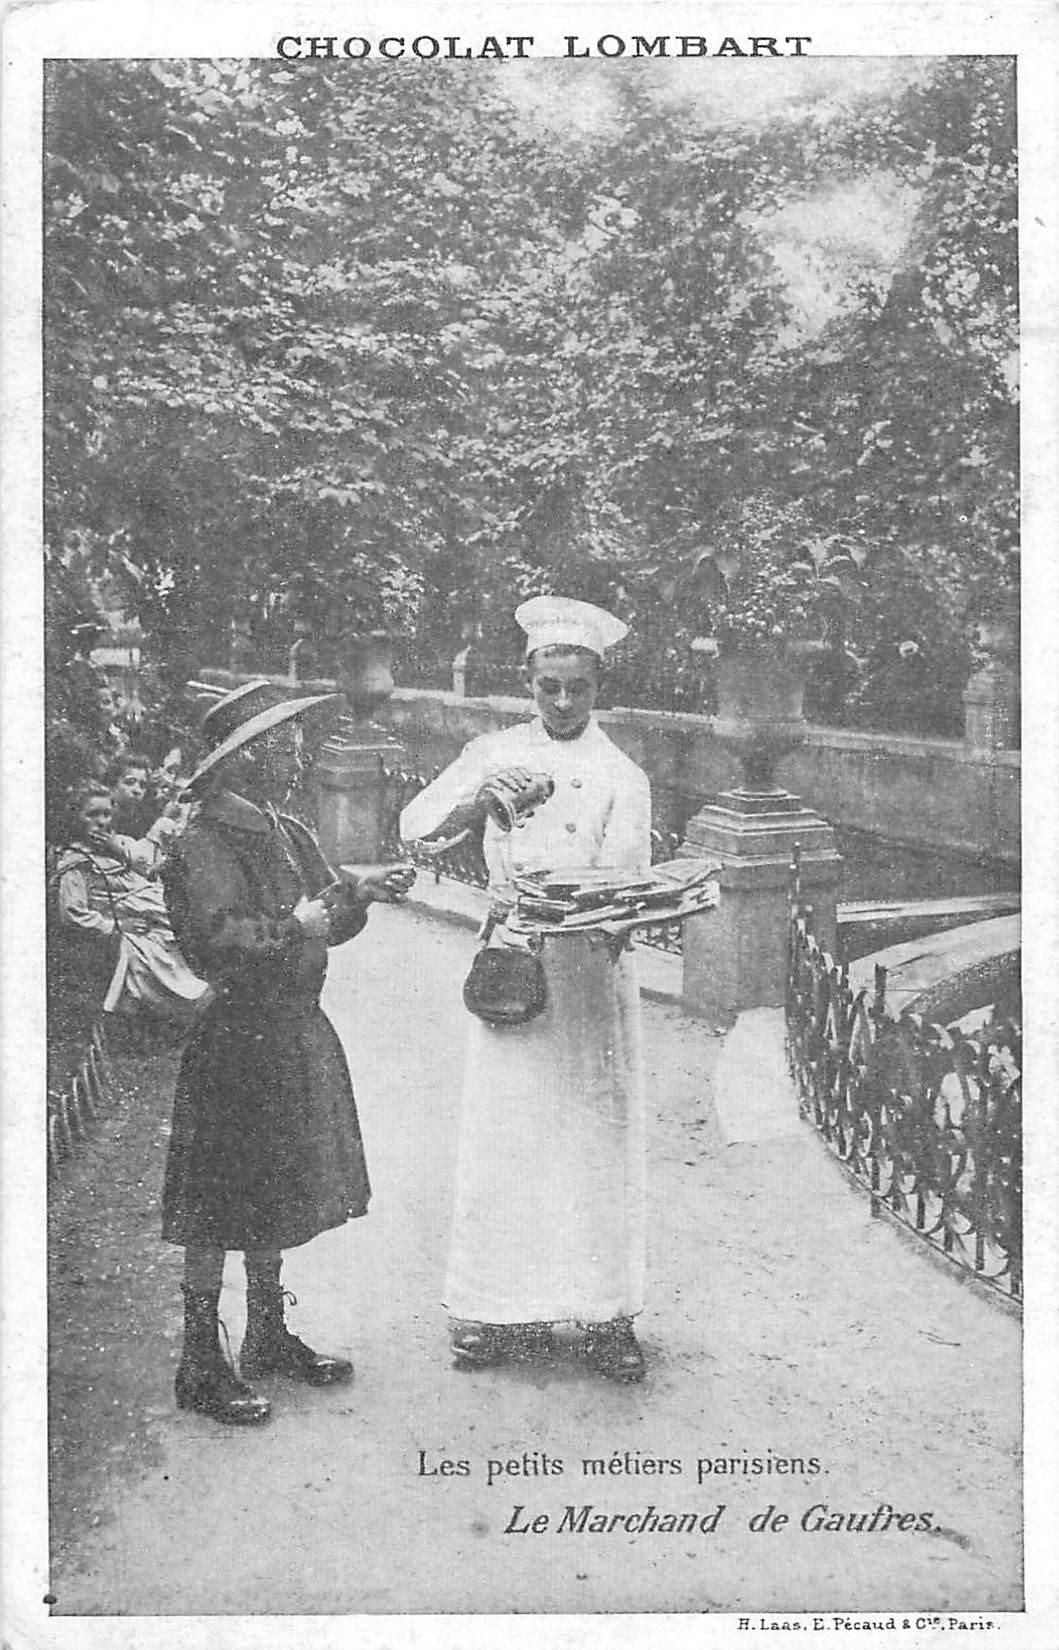 Série les petits Métiers parisiens. Le Marchand de Gaufres. Chocolat Lombard